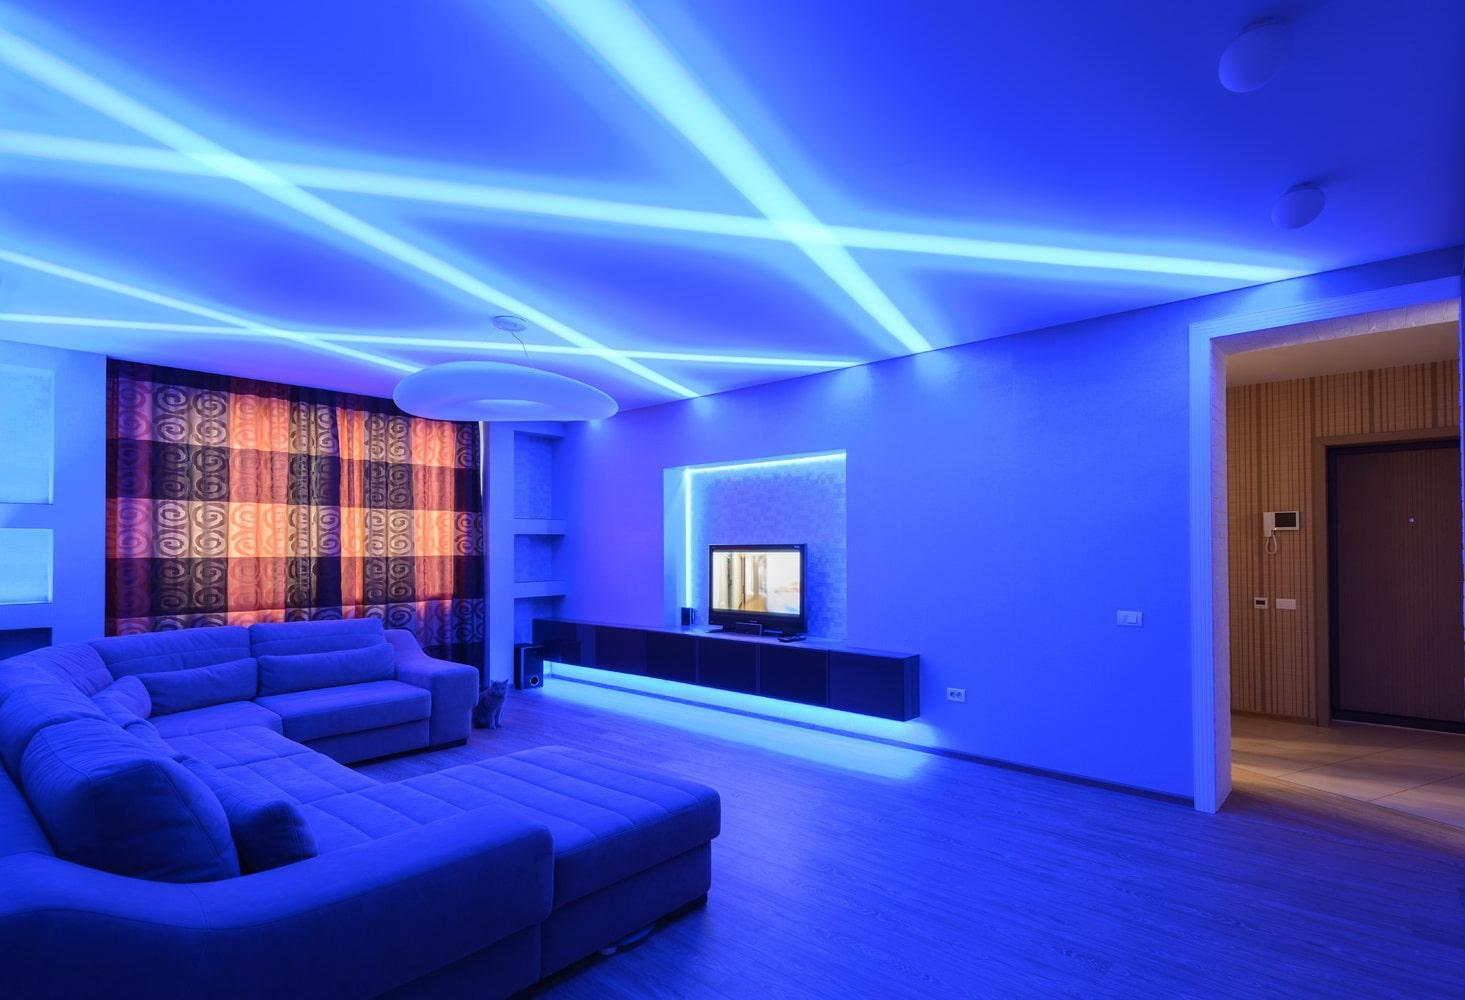 Как сделать правильную подсветку потолка в квартире